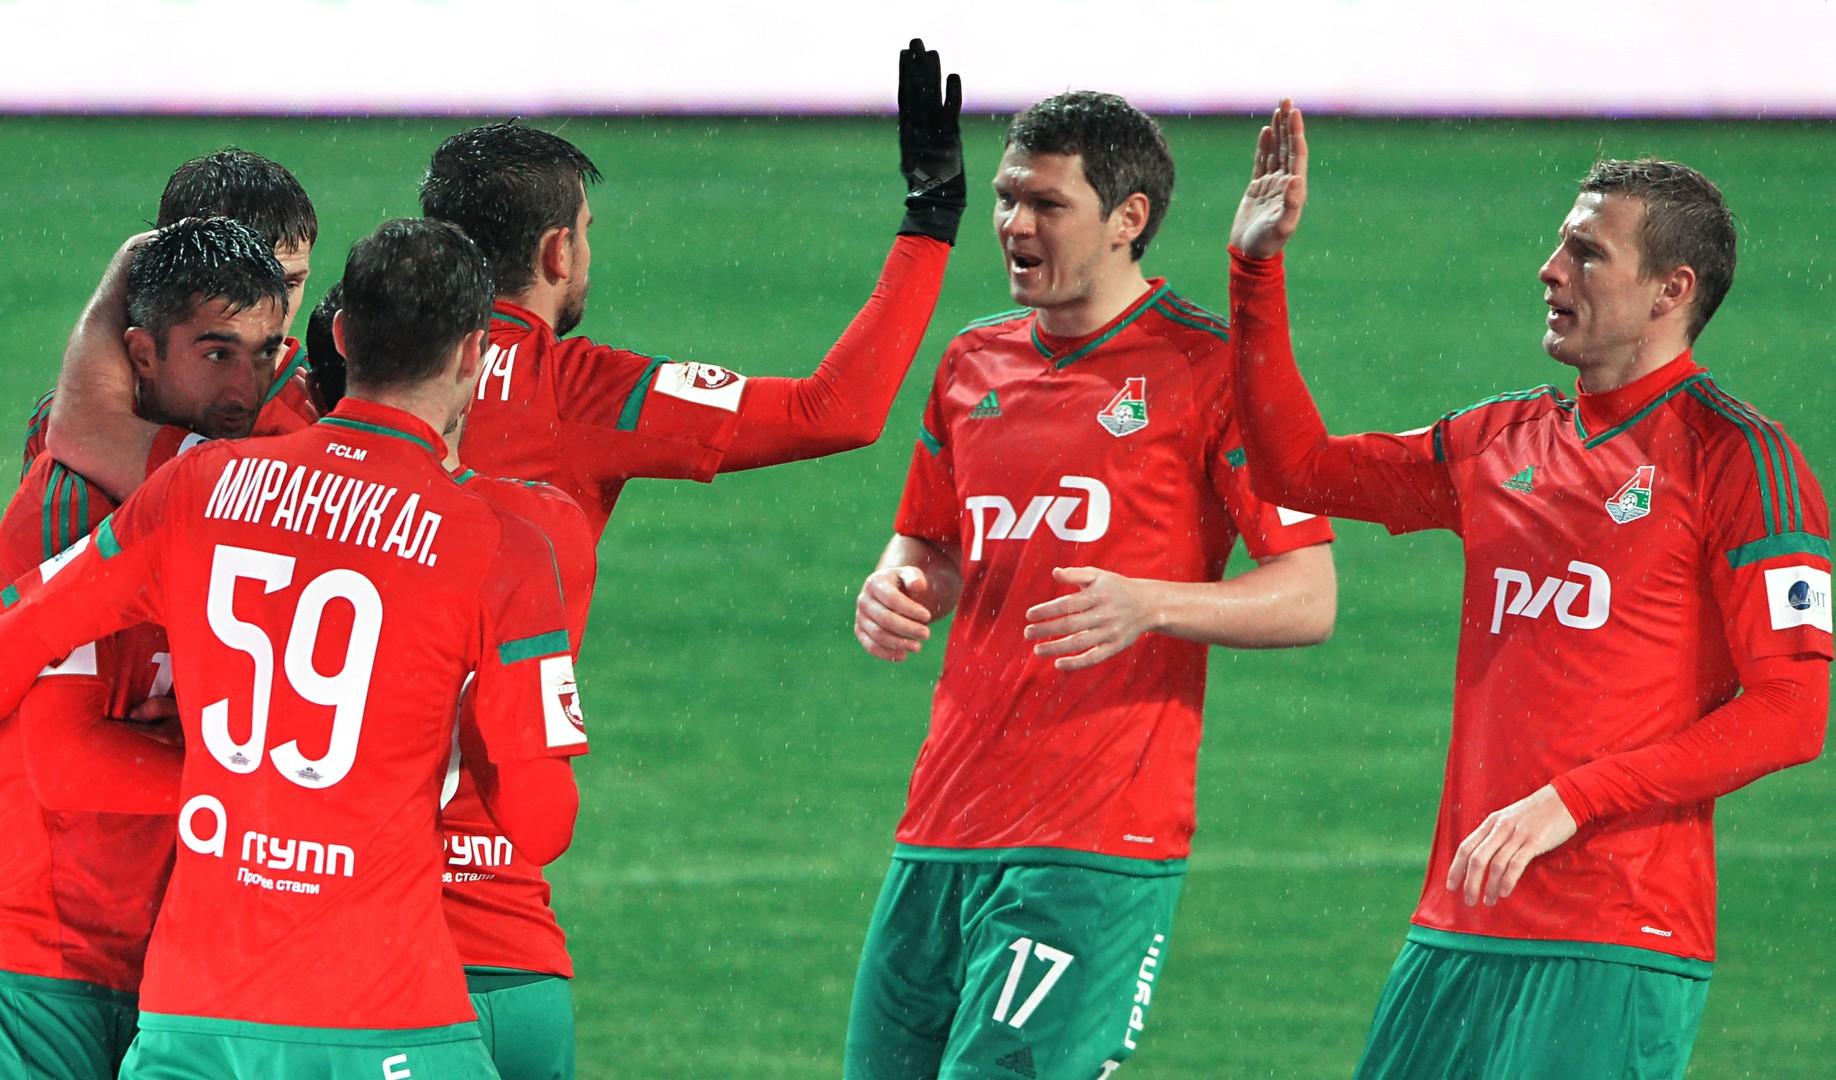 Die Spieler von Lokomotive Moskau bejubeln den zwischenzeitlichen Führungstreffer.